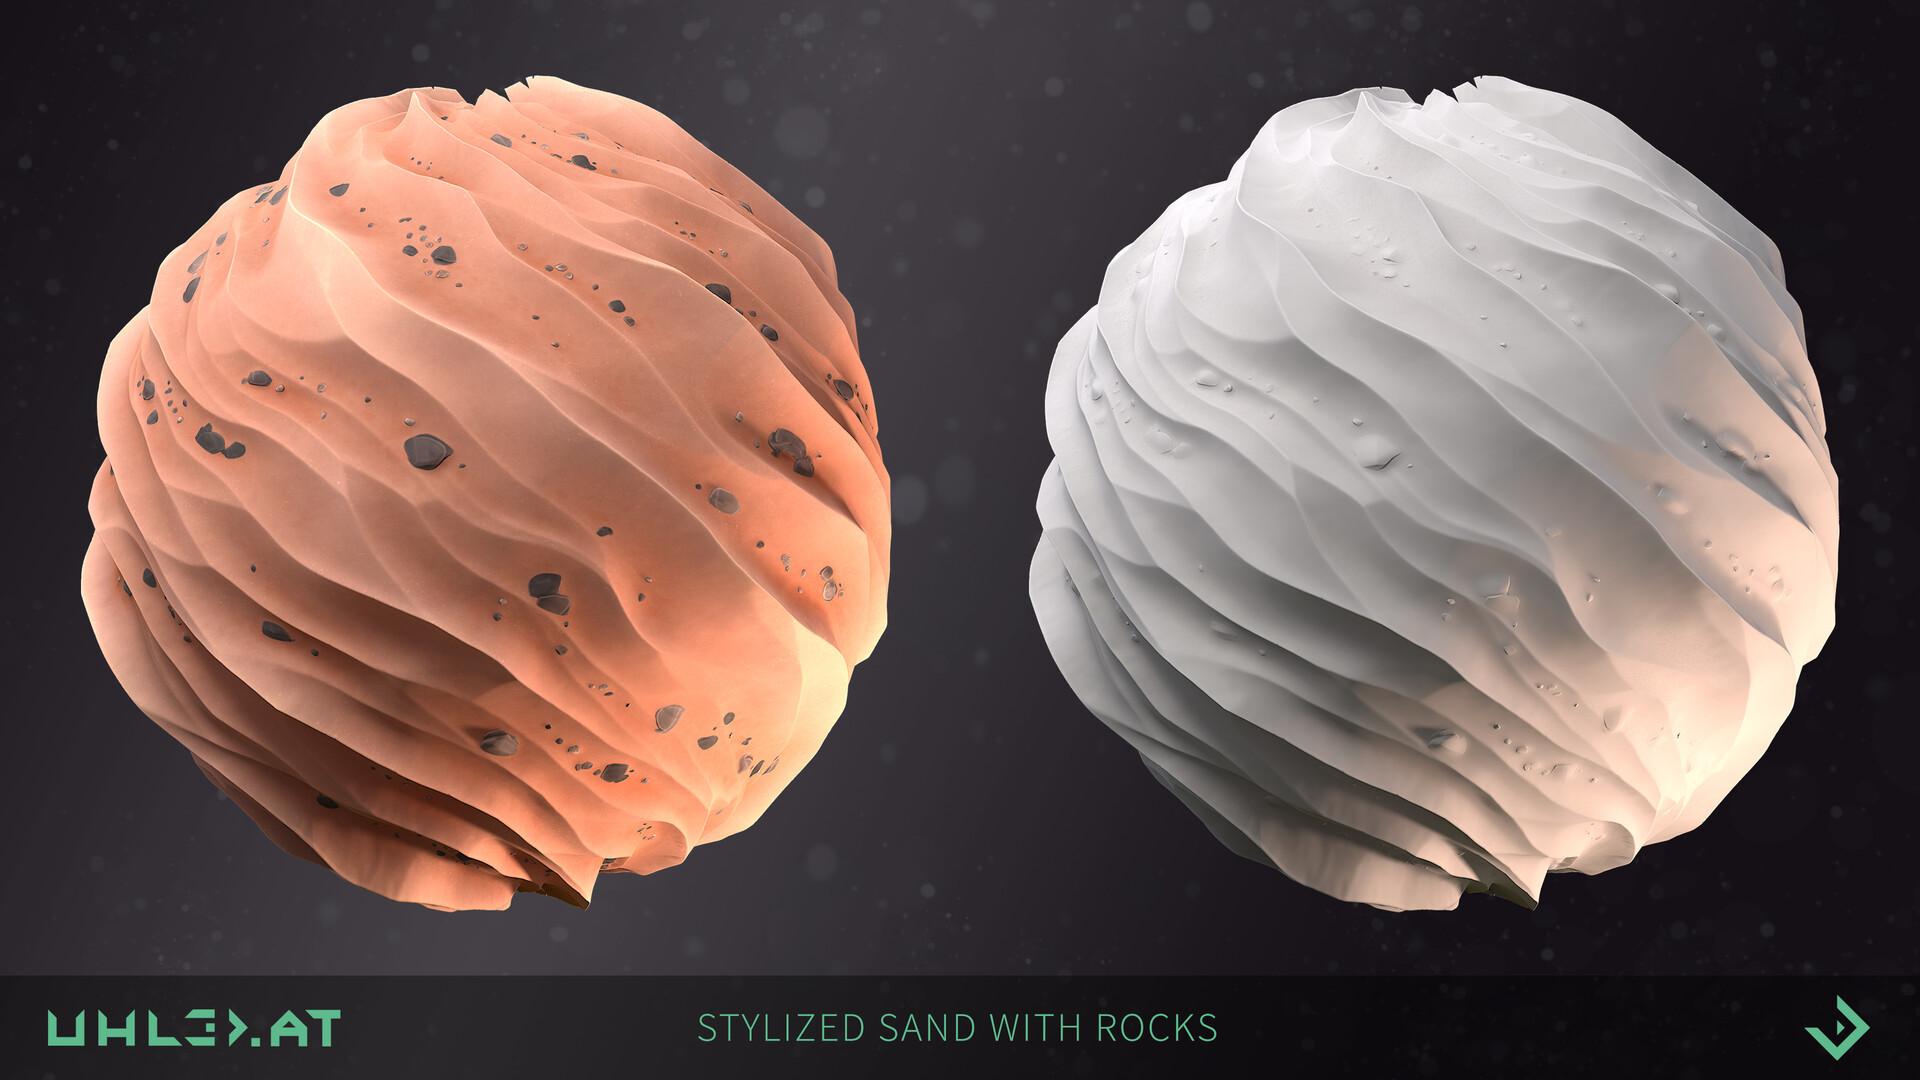 Dominik uhl stylized sand with rocks 03